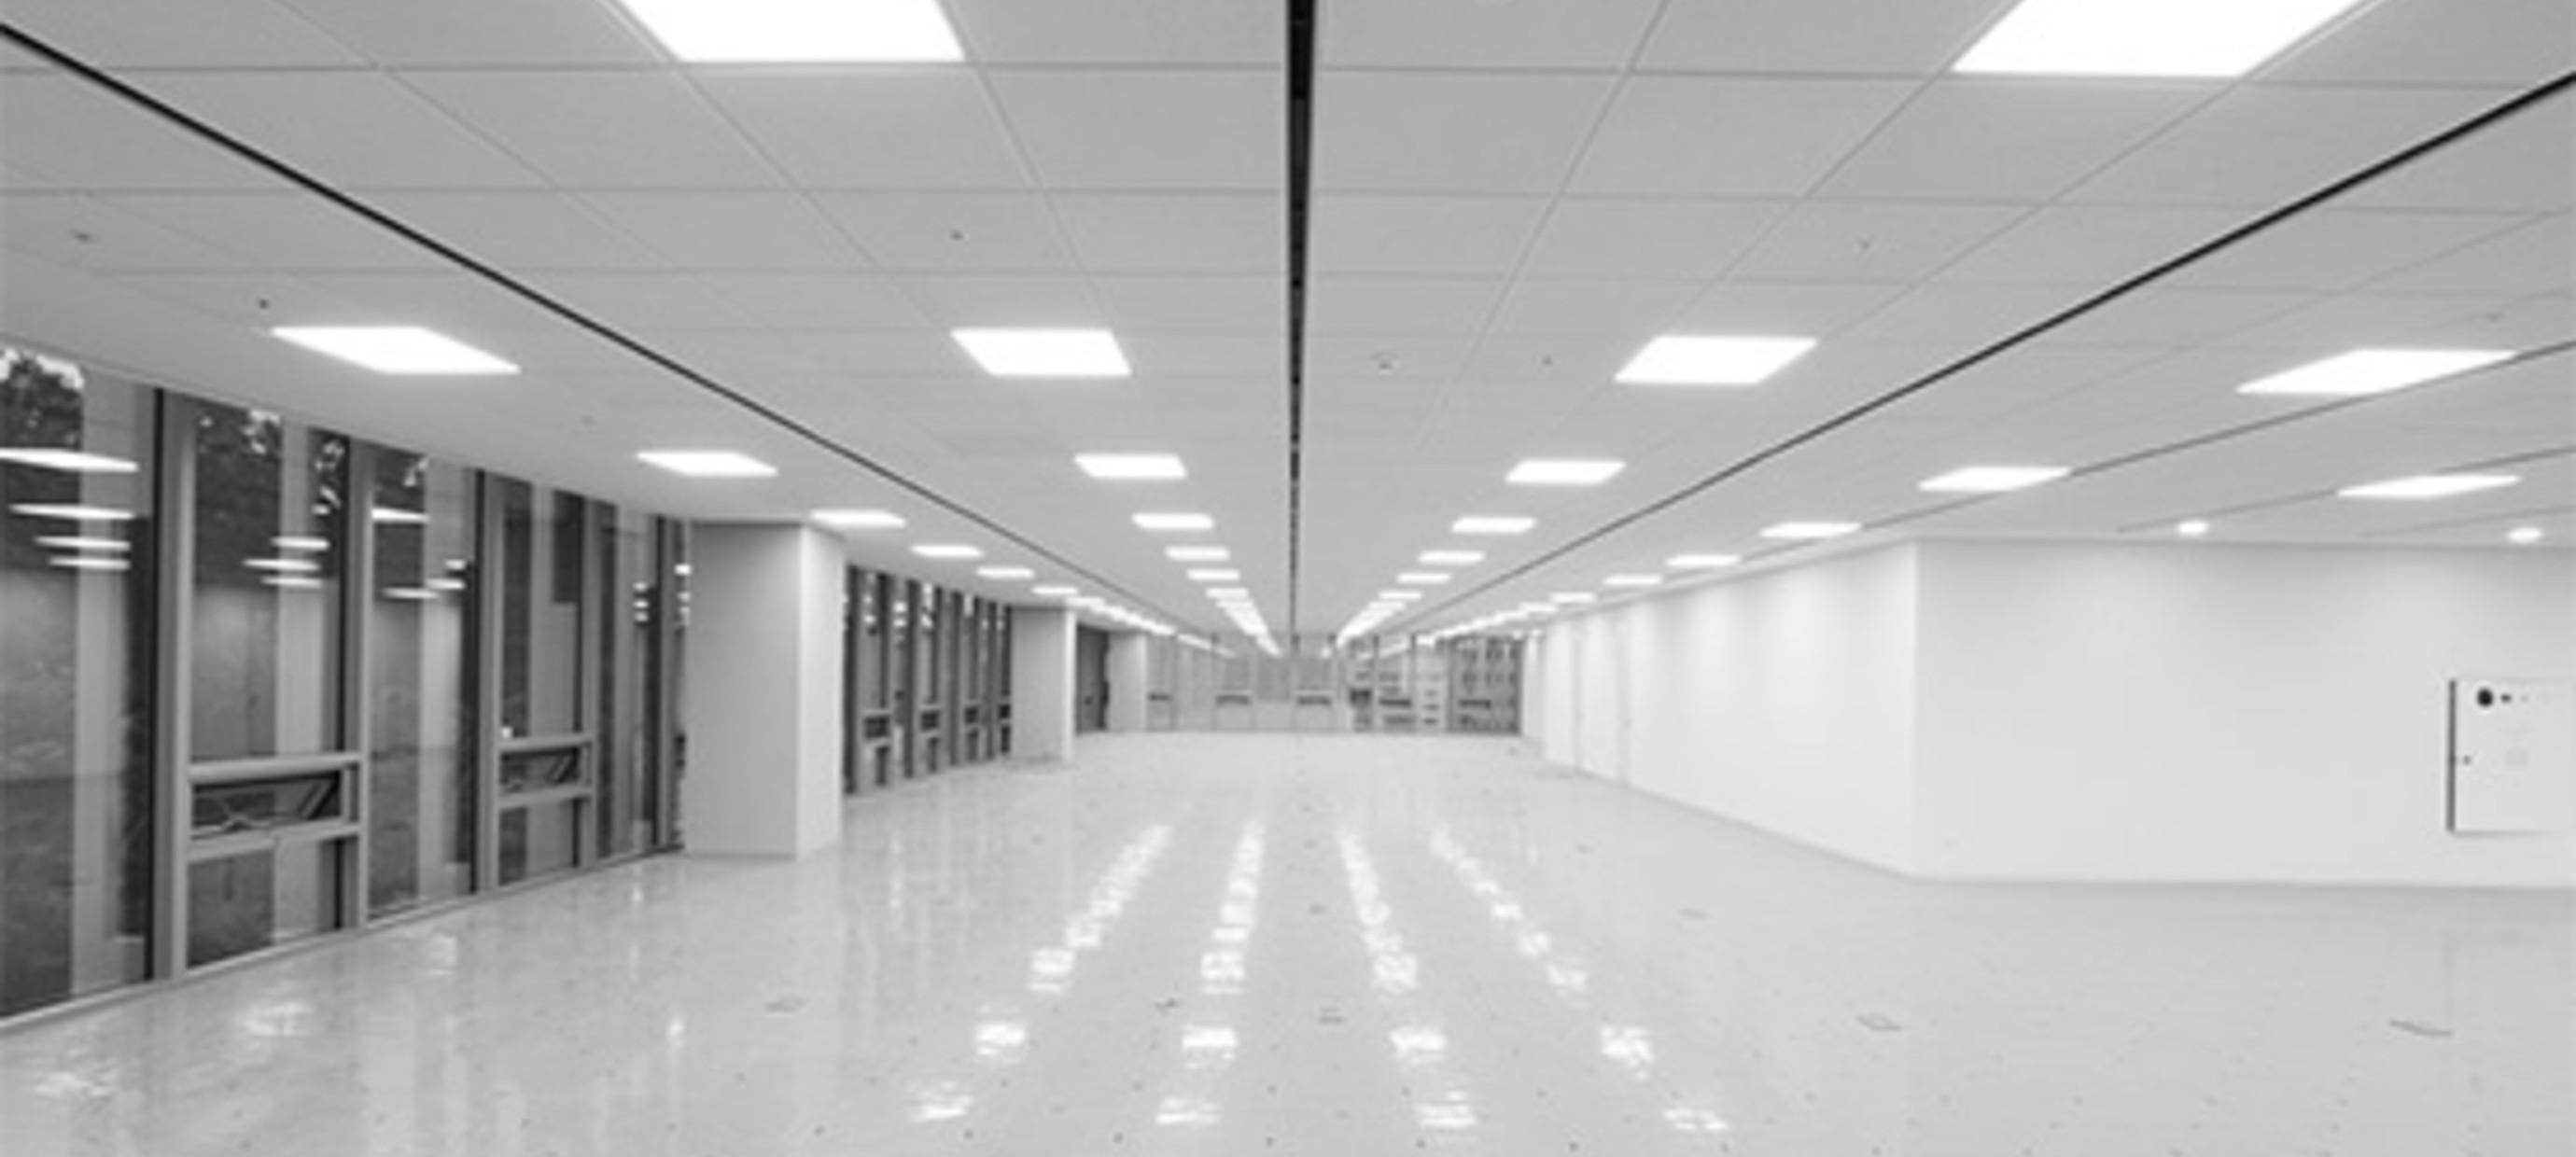 LED panelen. Wat zijn de voordelen?